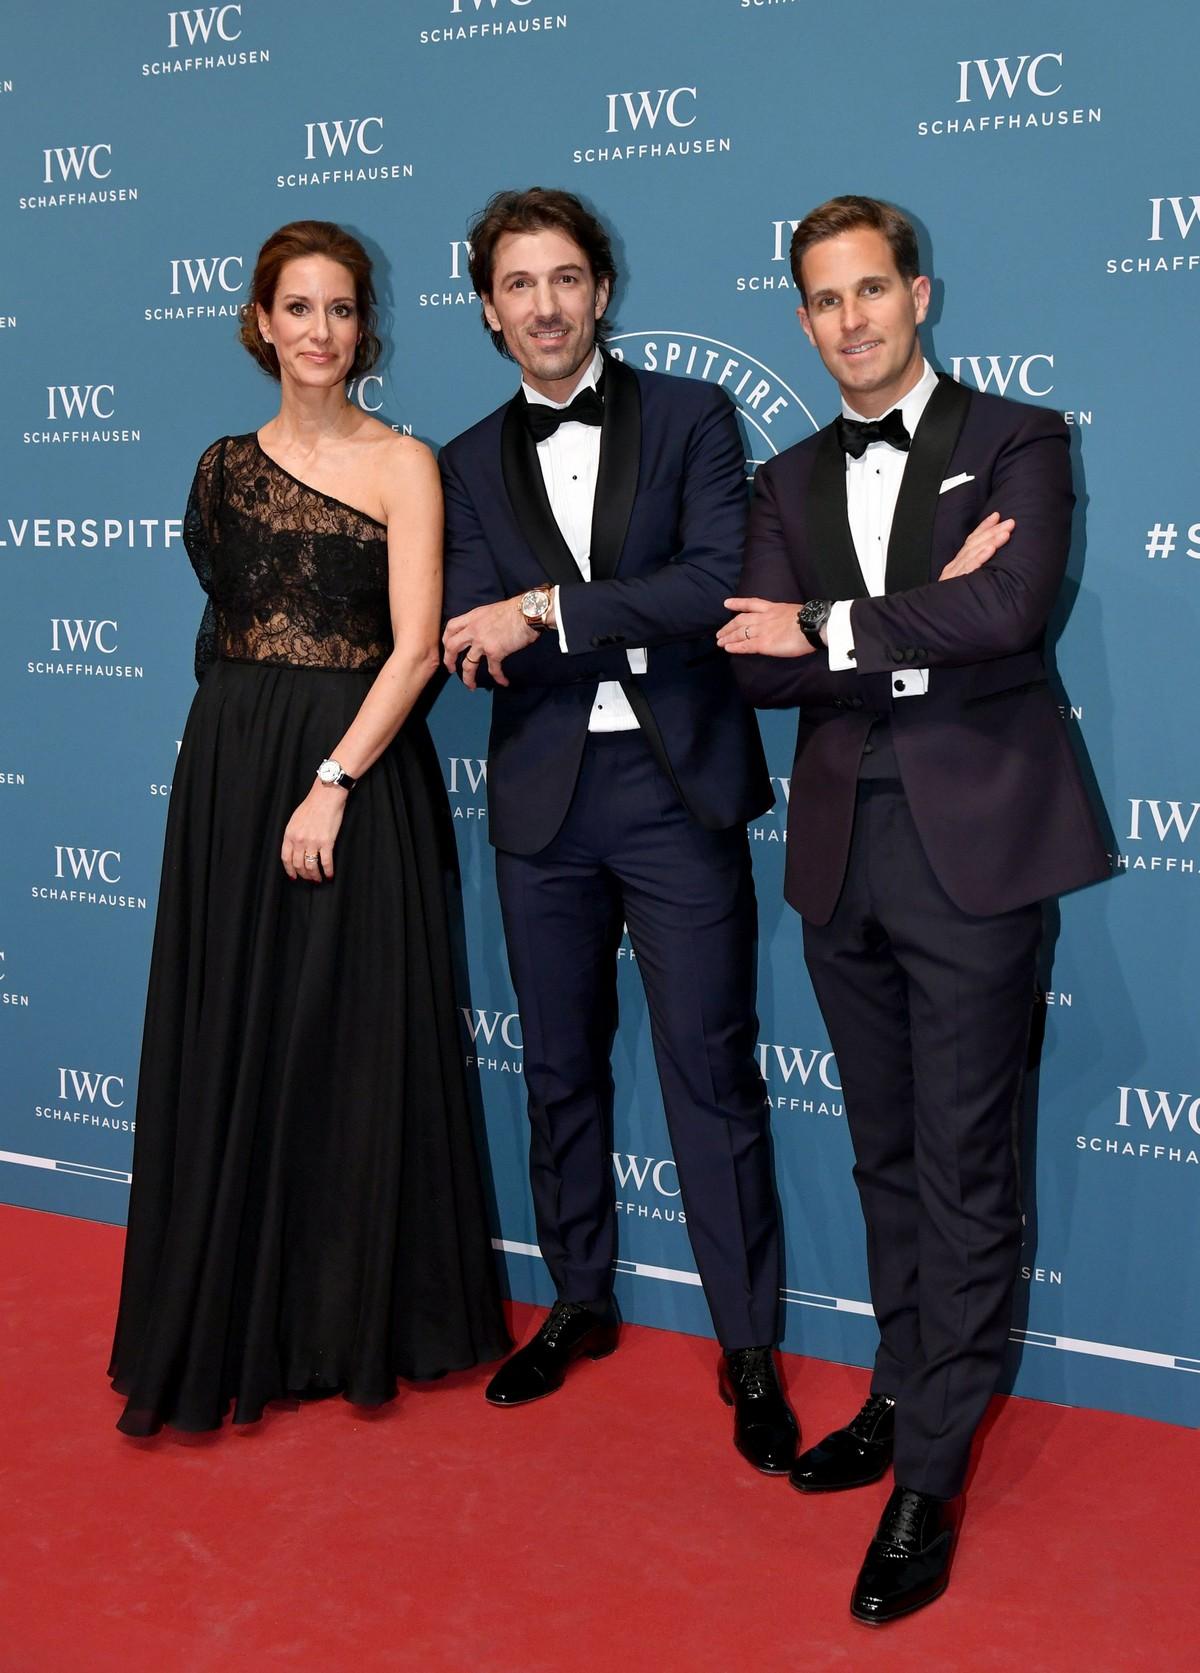 SIHH 2019 IWC Schaffhausen party